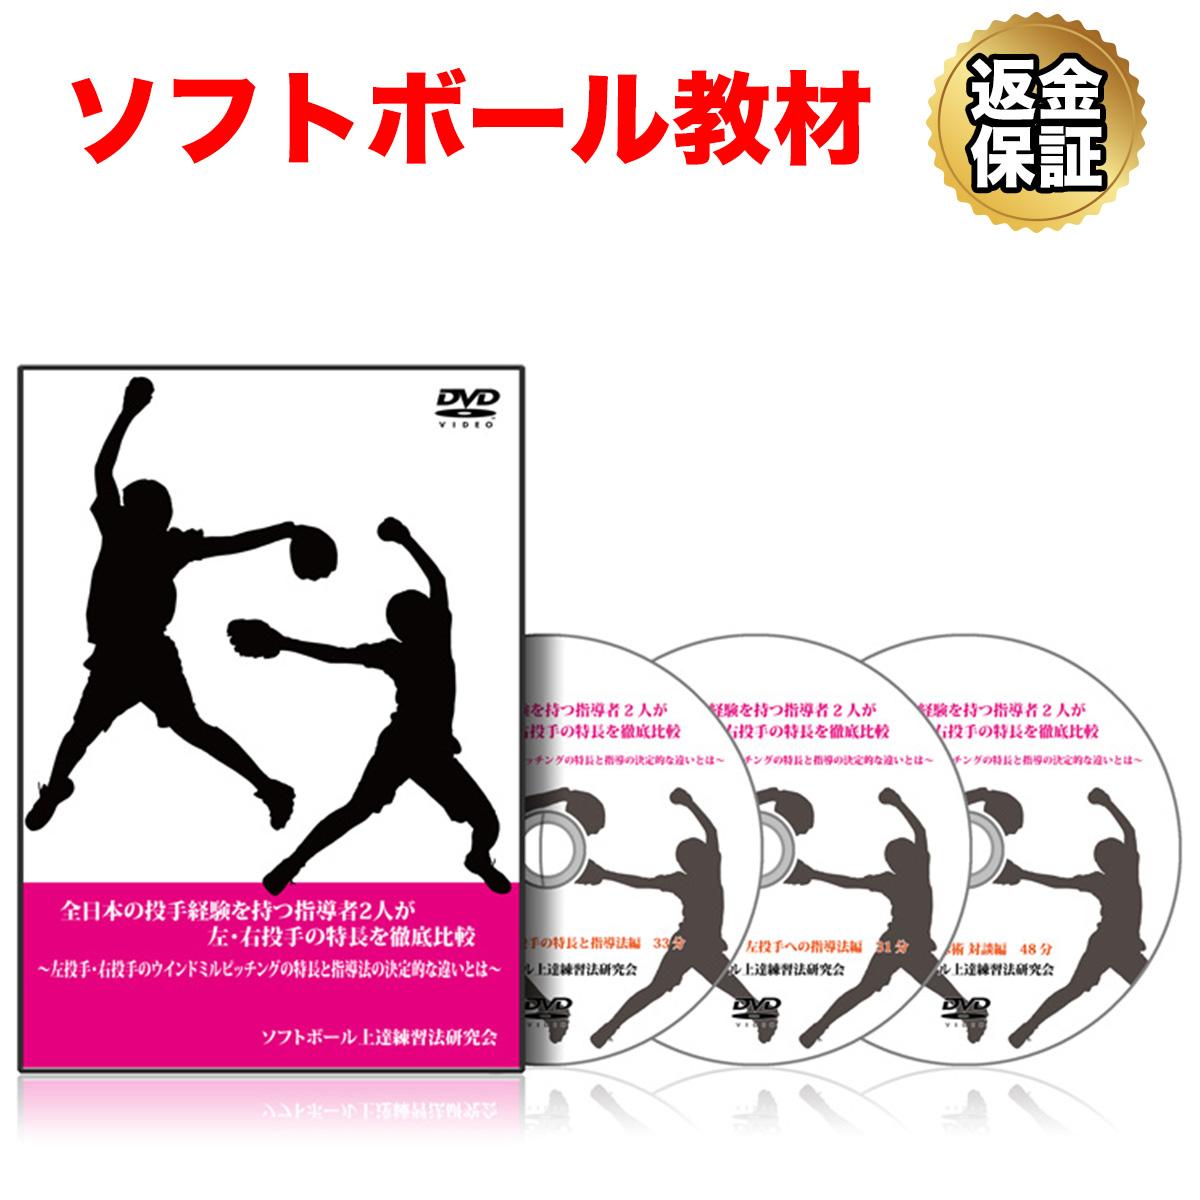 【ソフトボール】全日本の投手経験を持つ指導者2人が左・右投手の特徴を徹底比較~左投手・右投手のウィンドミルピッチングの特徴と指導法の決定的な違いとは~